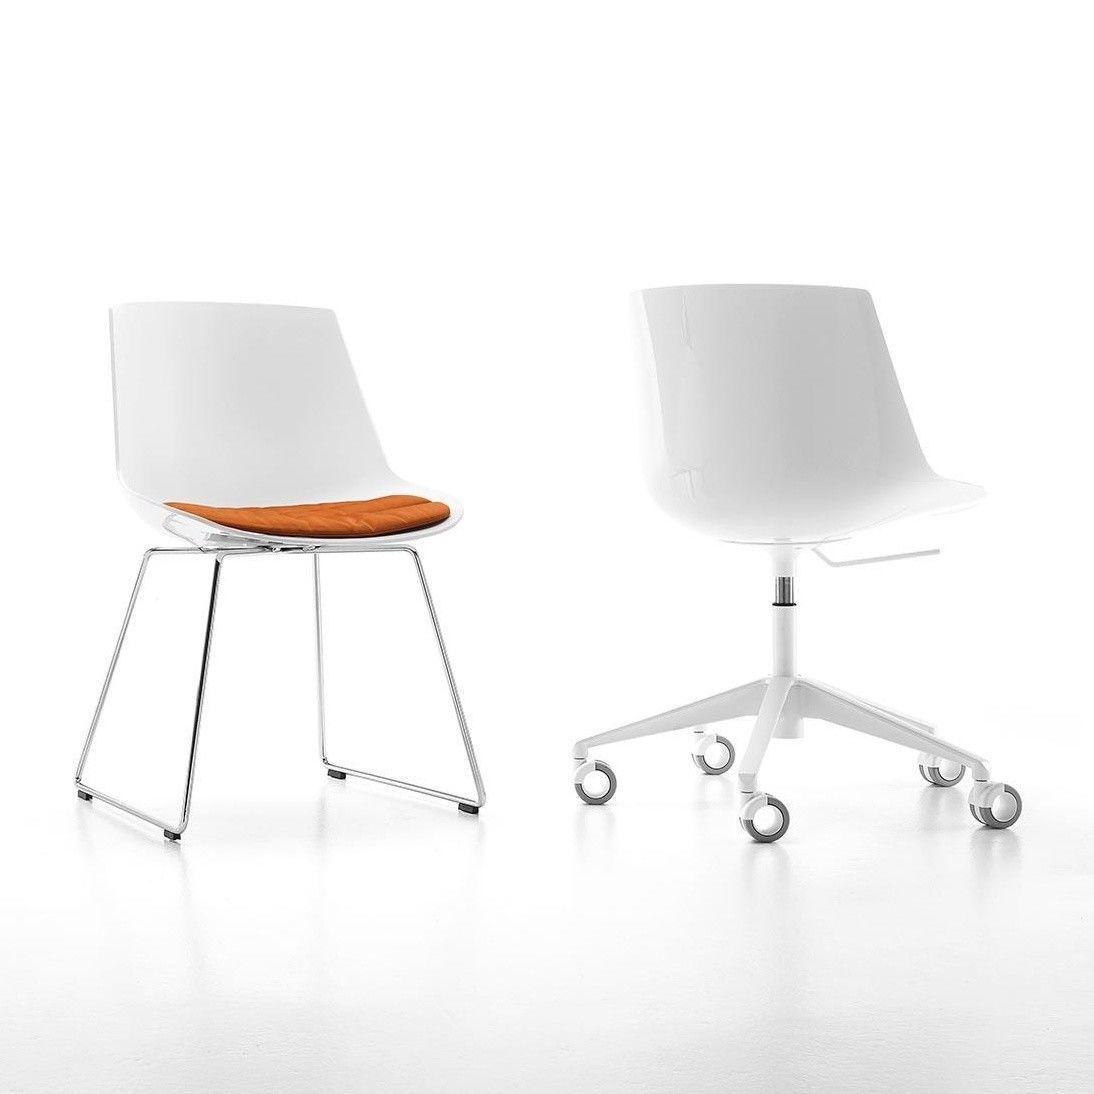 flow chaise bureau pi tement sur roulettes mdf italia jean marie massaud. Black Bedroom Furniture Sets. Home Design Ideas